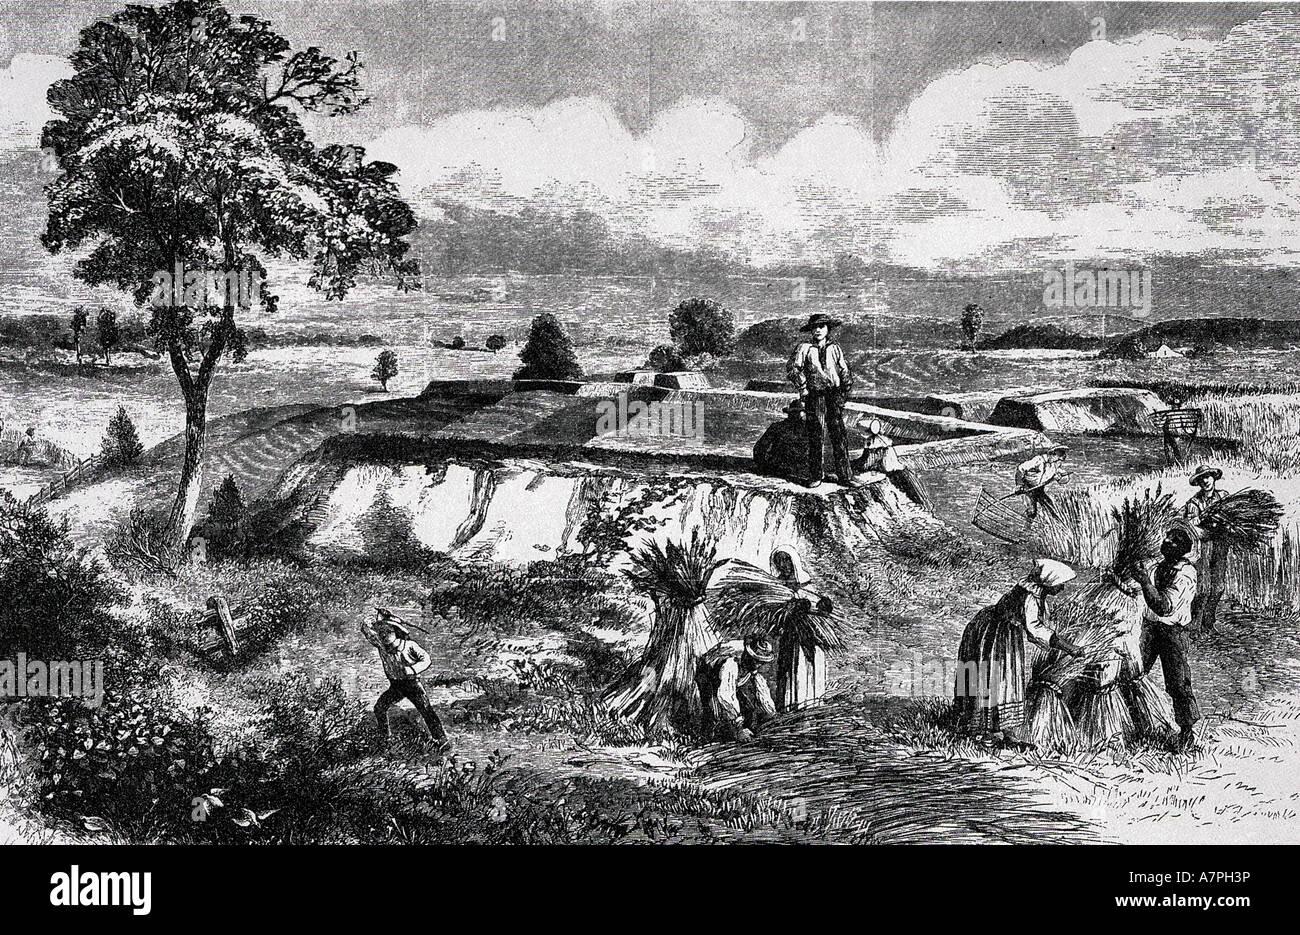 Wiederaufbau veröffentlicht ein optimistischer Ausblick im Jahre 1867 von Entwicklungen in den amerikanischen Stockbild